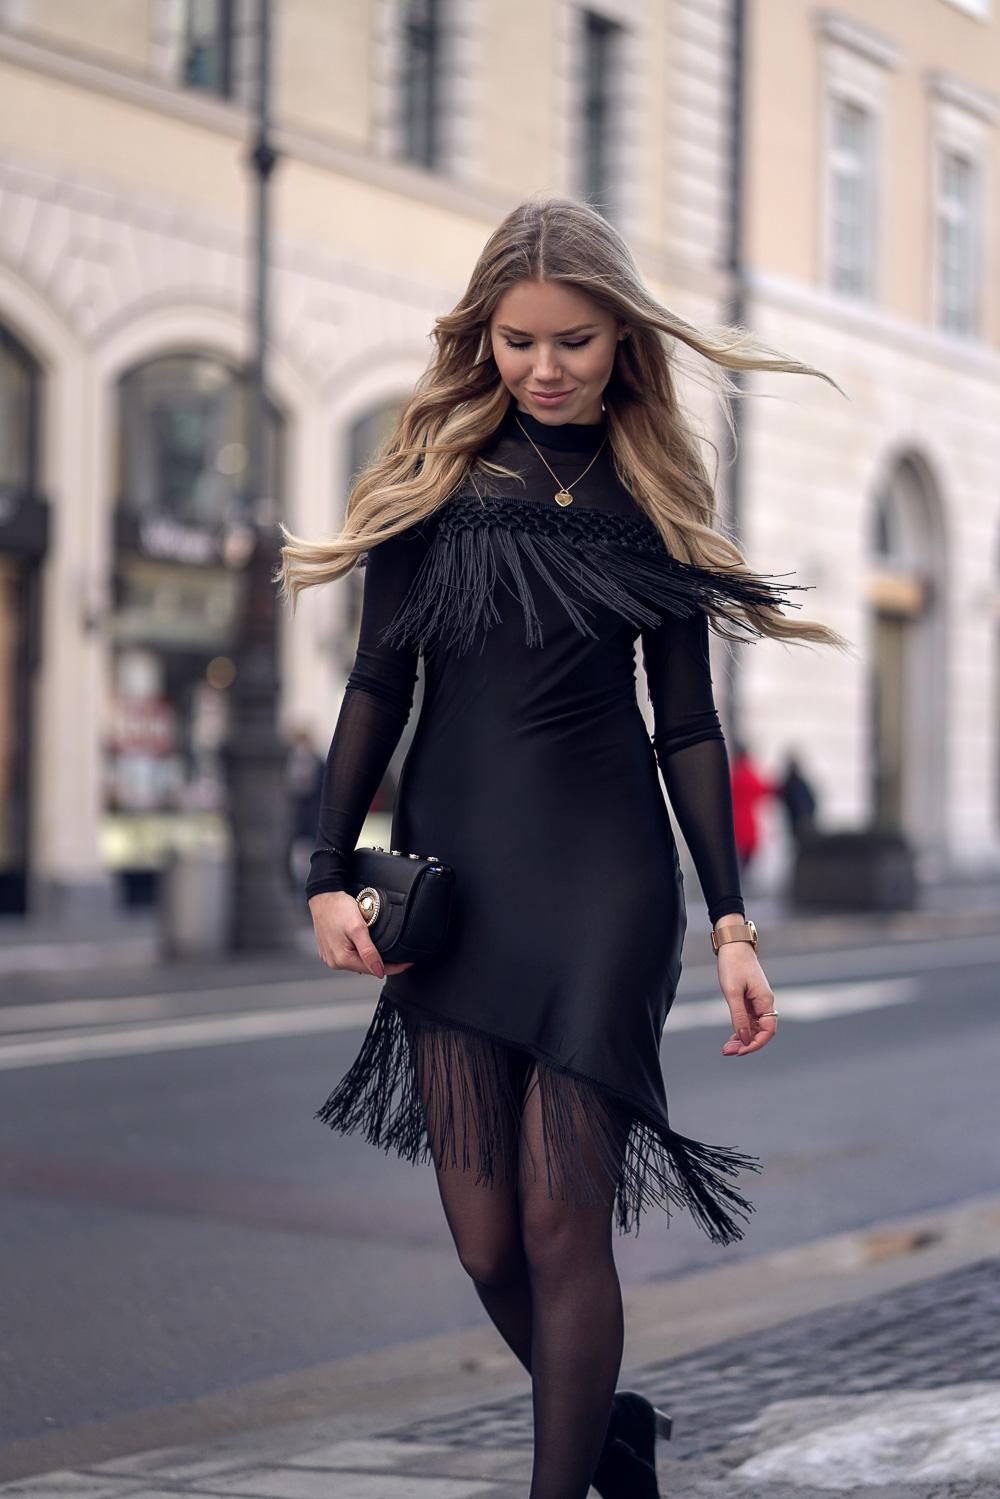 Fransen Details auf einem glamourösen Kleid-Tiffany Kette-Versace Tasche